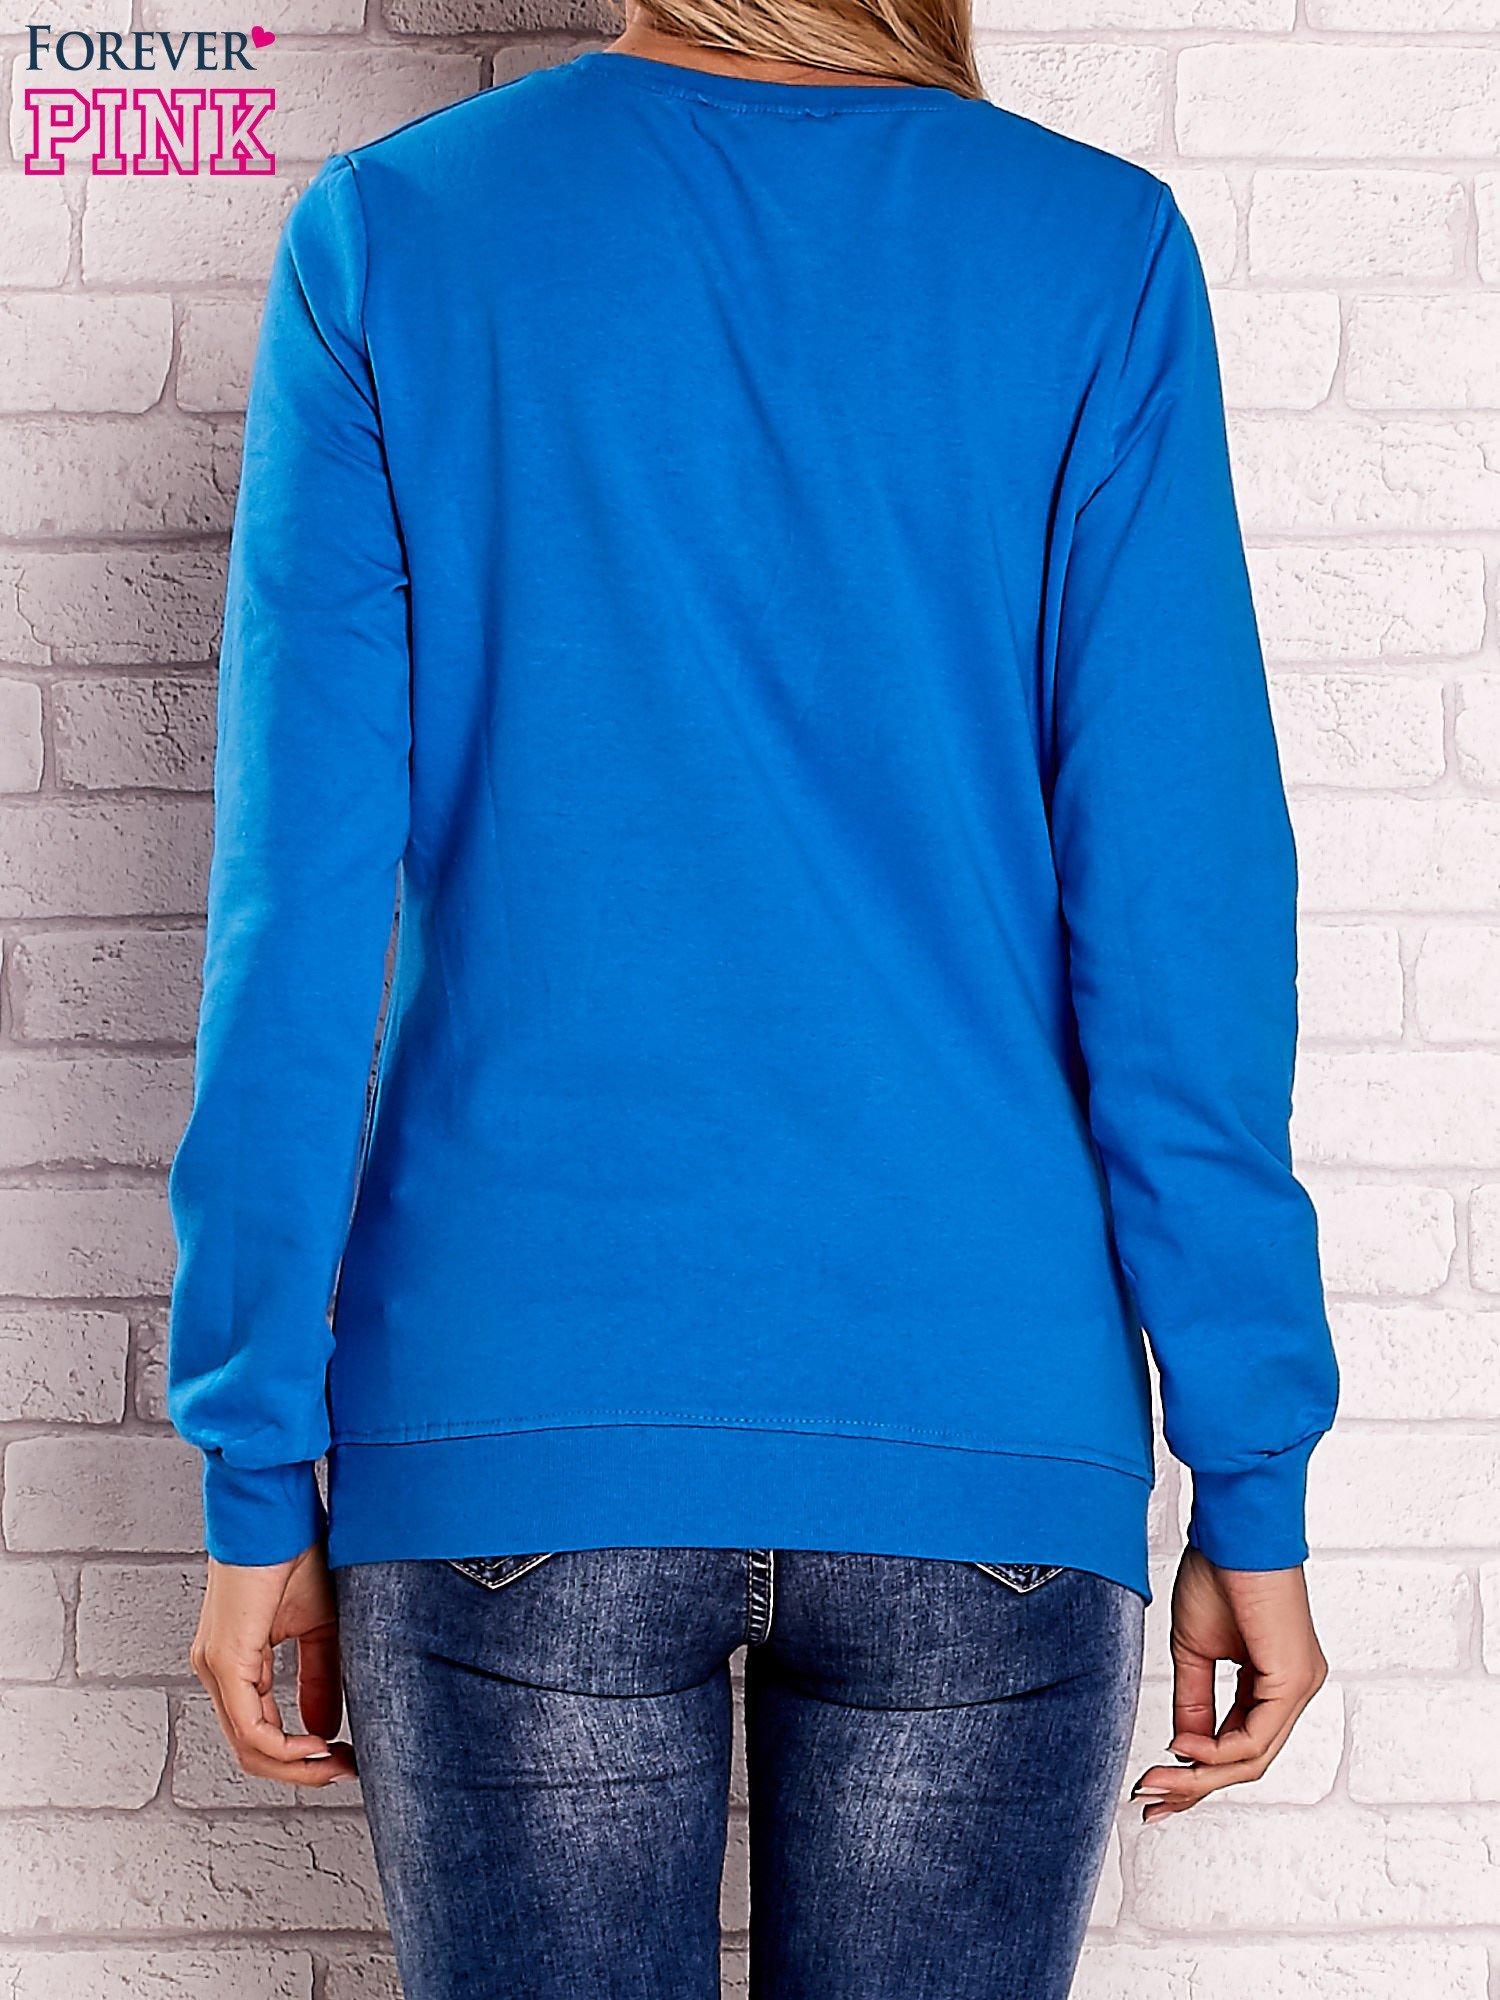 Niebieska bluza z kolorowymi naszywkami                                  zdj.                                  2